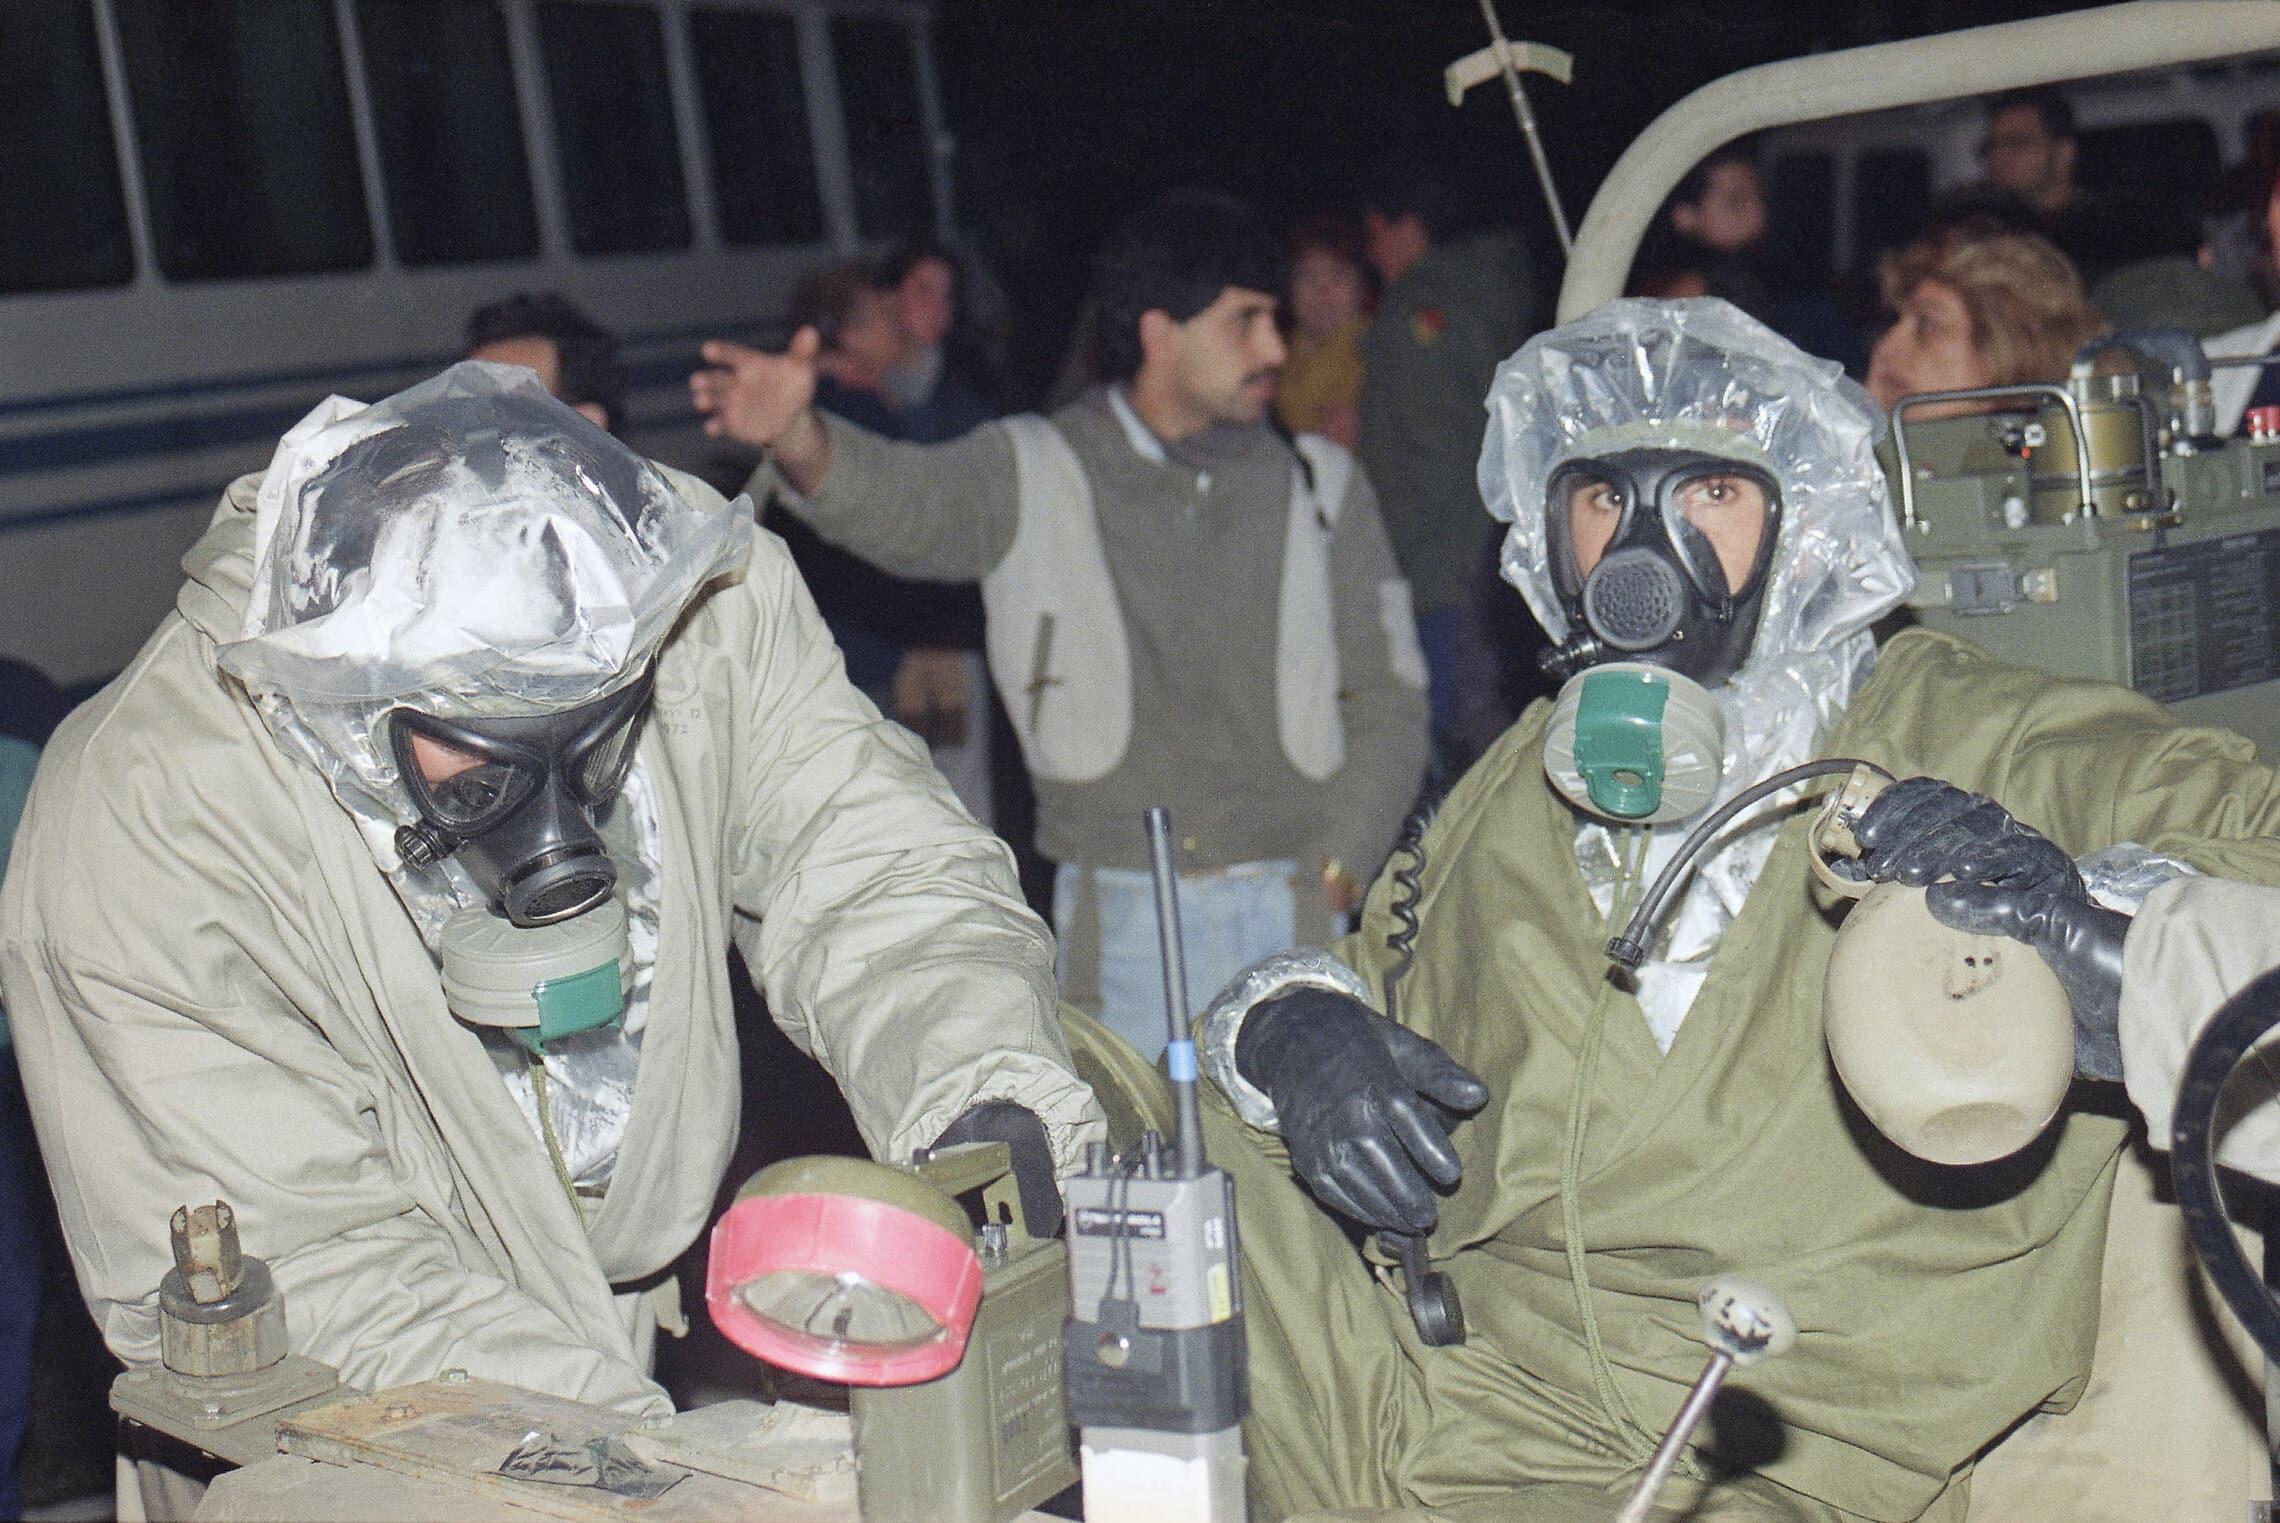 מלחמת המפרץ בישראל, ינואר 1991 (צילום: AP Photo/Max Nash)